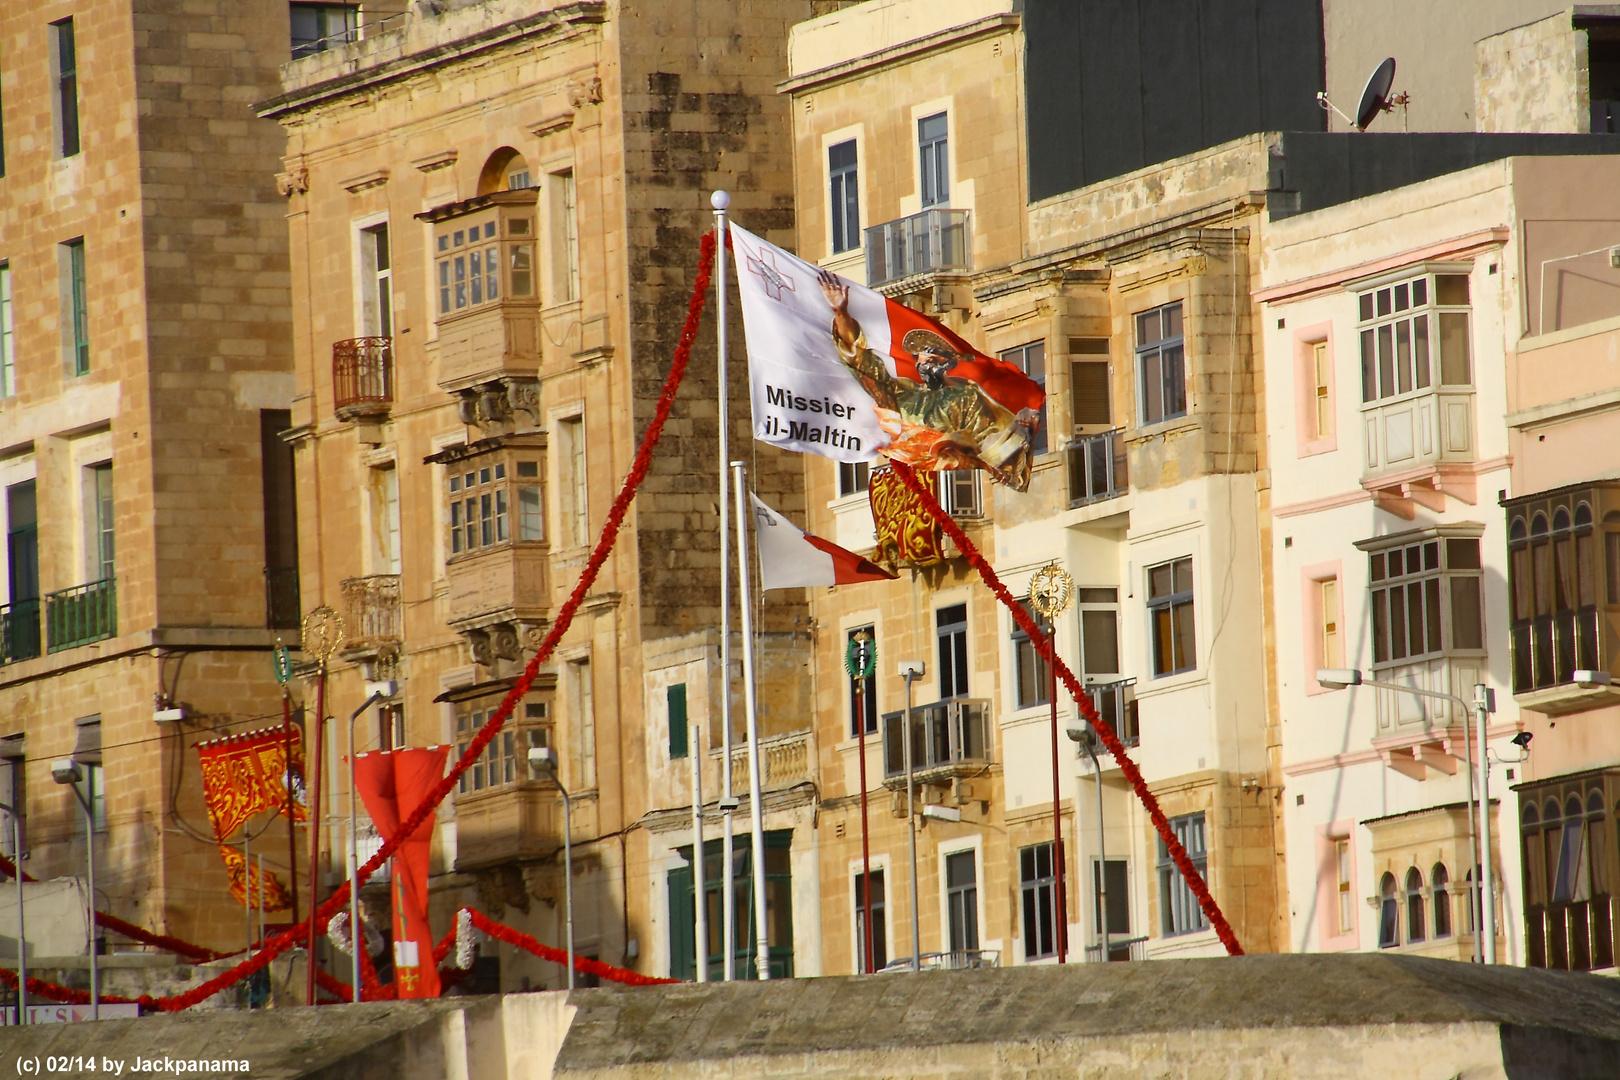 Einlaufen in den Naturhafen Malta